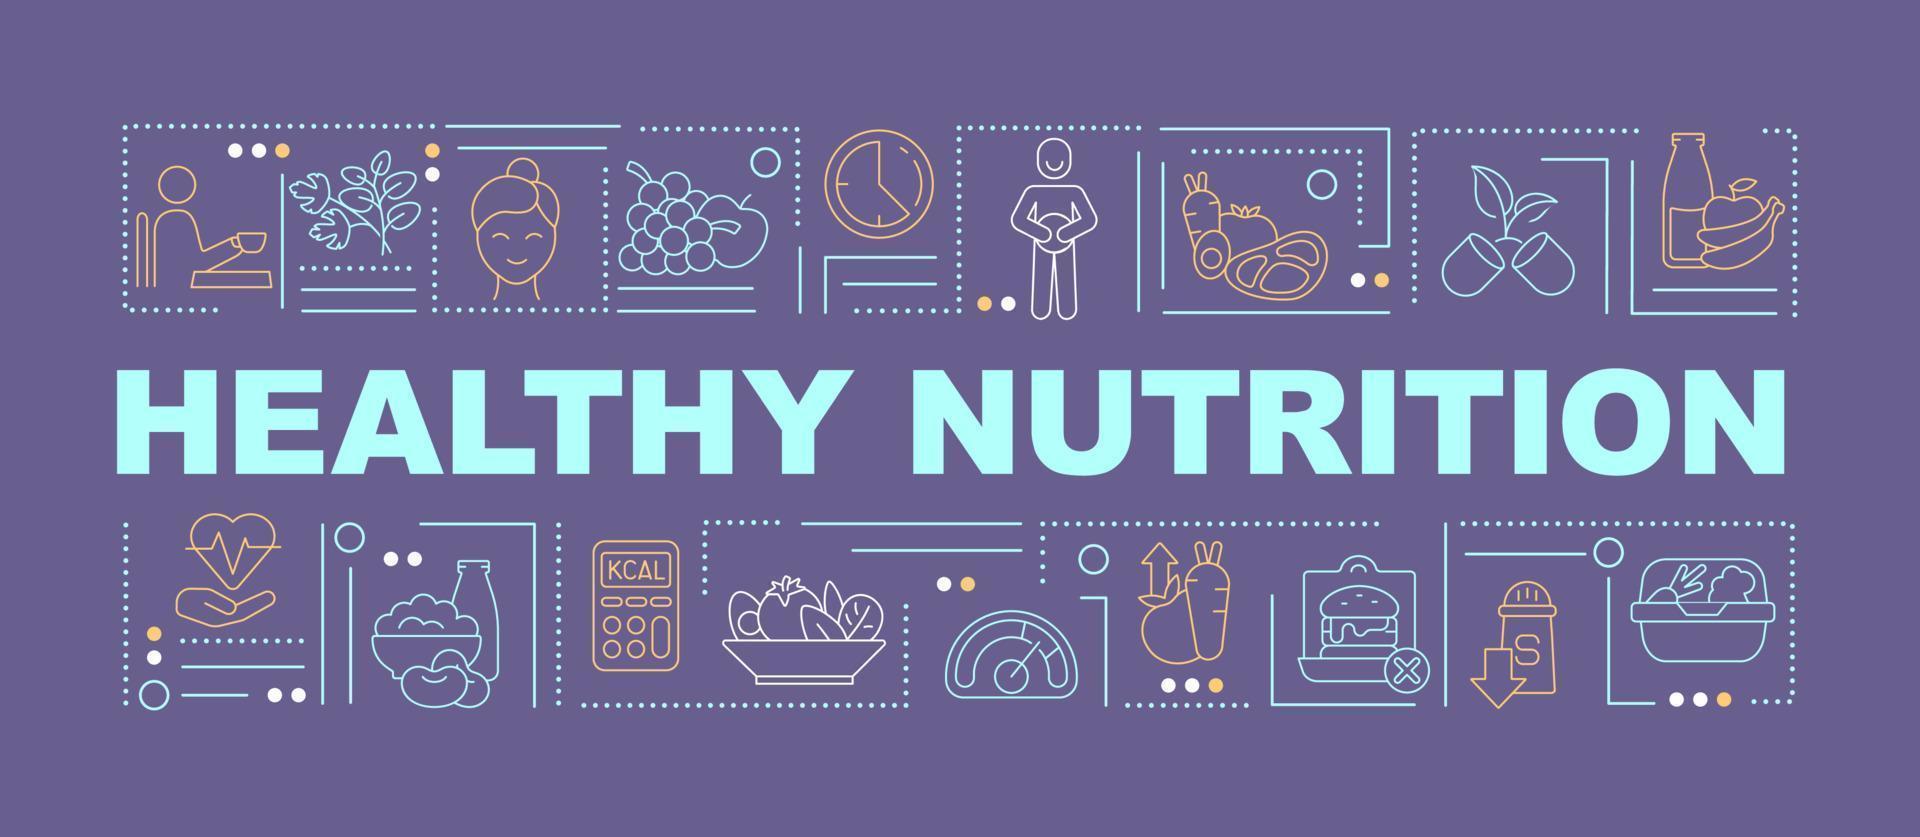 banner de conceitos de palavra roxa de nutrição saudável vetor